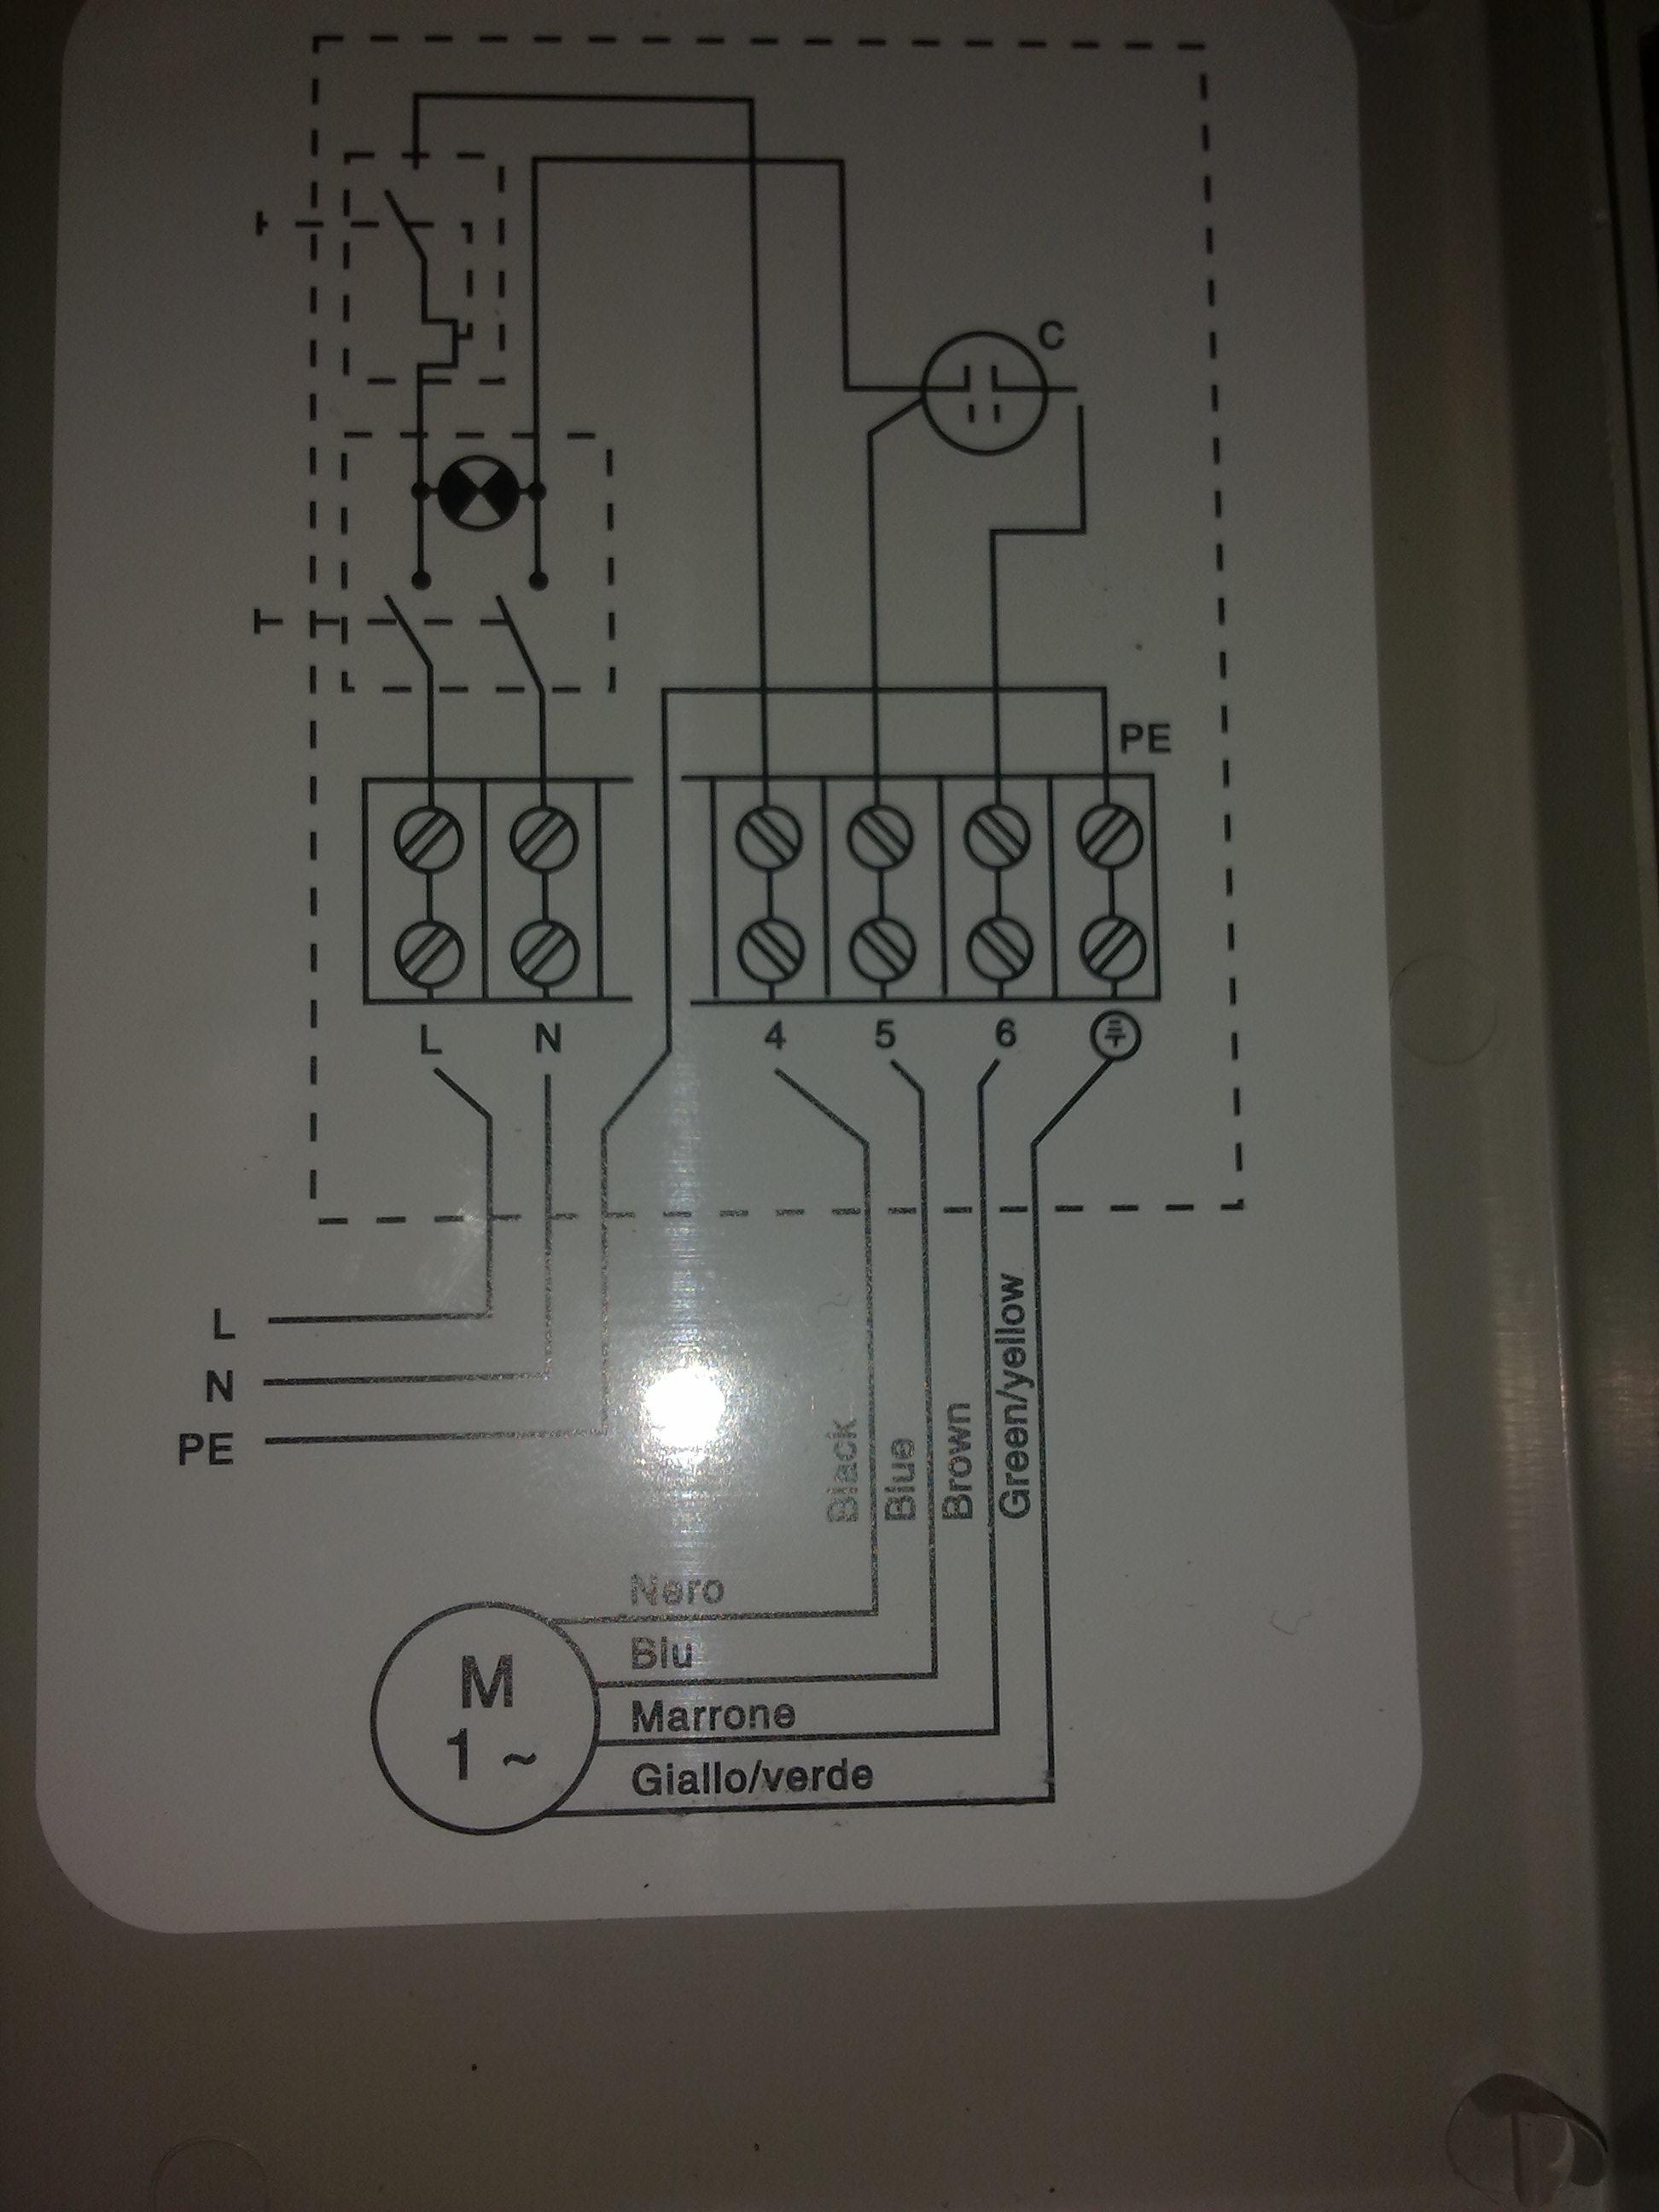 Podłączenie elektryczne pompy ciepła